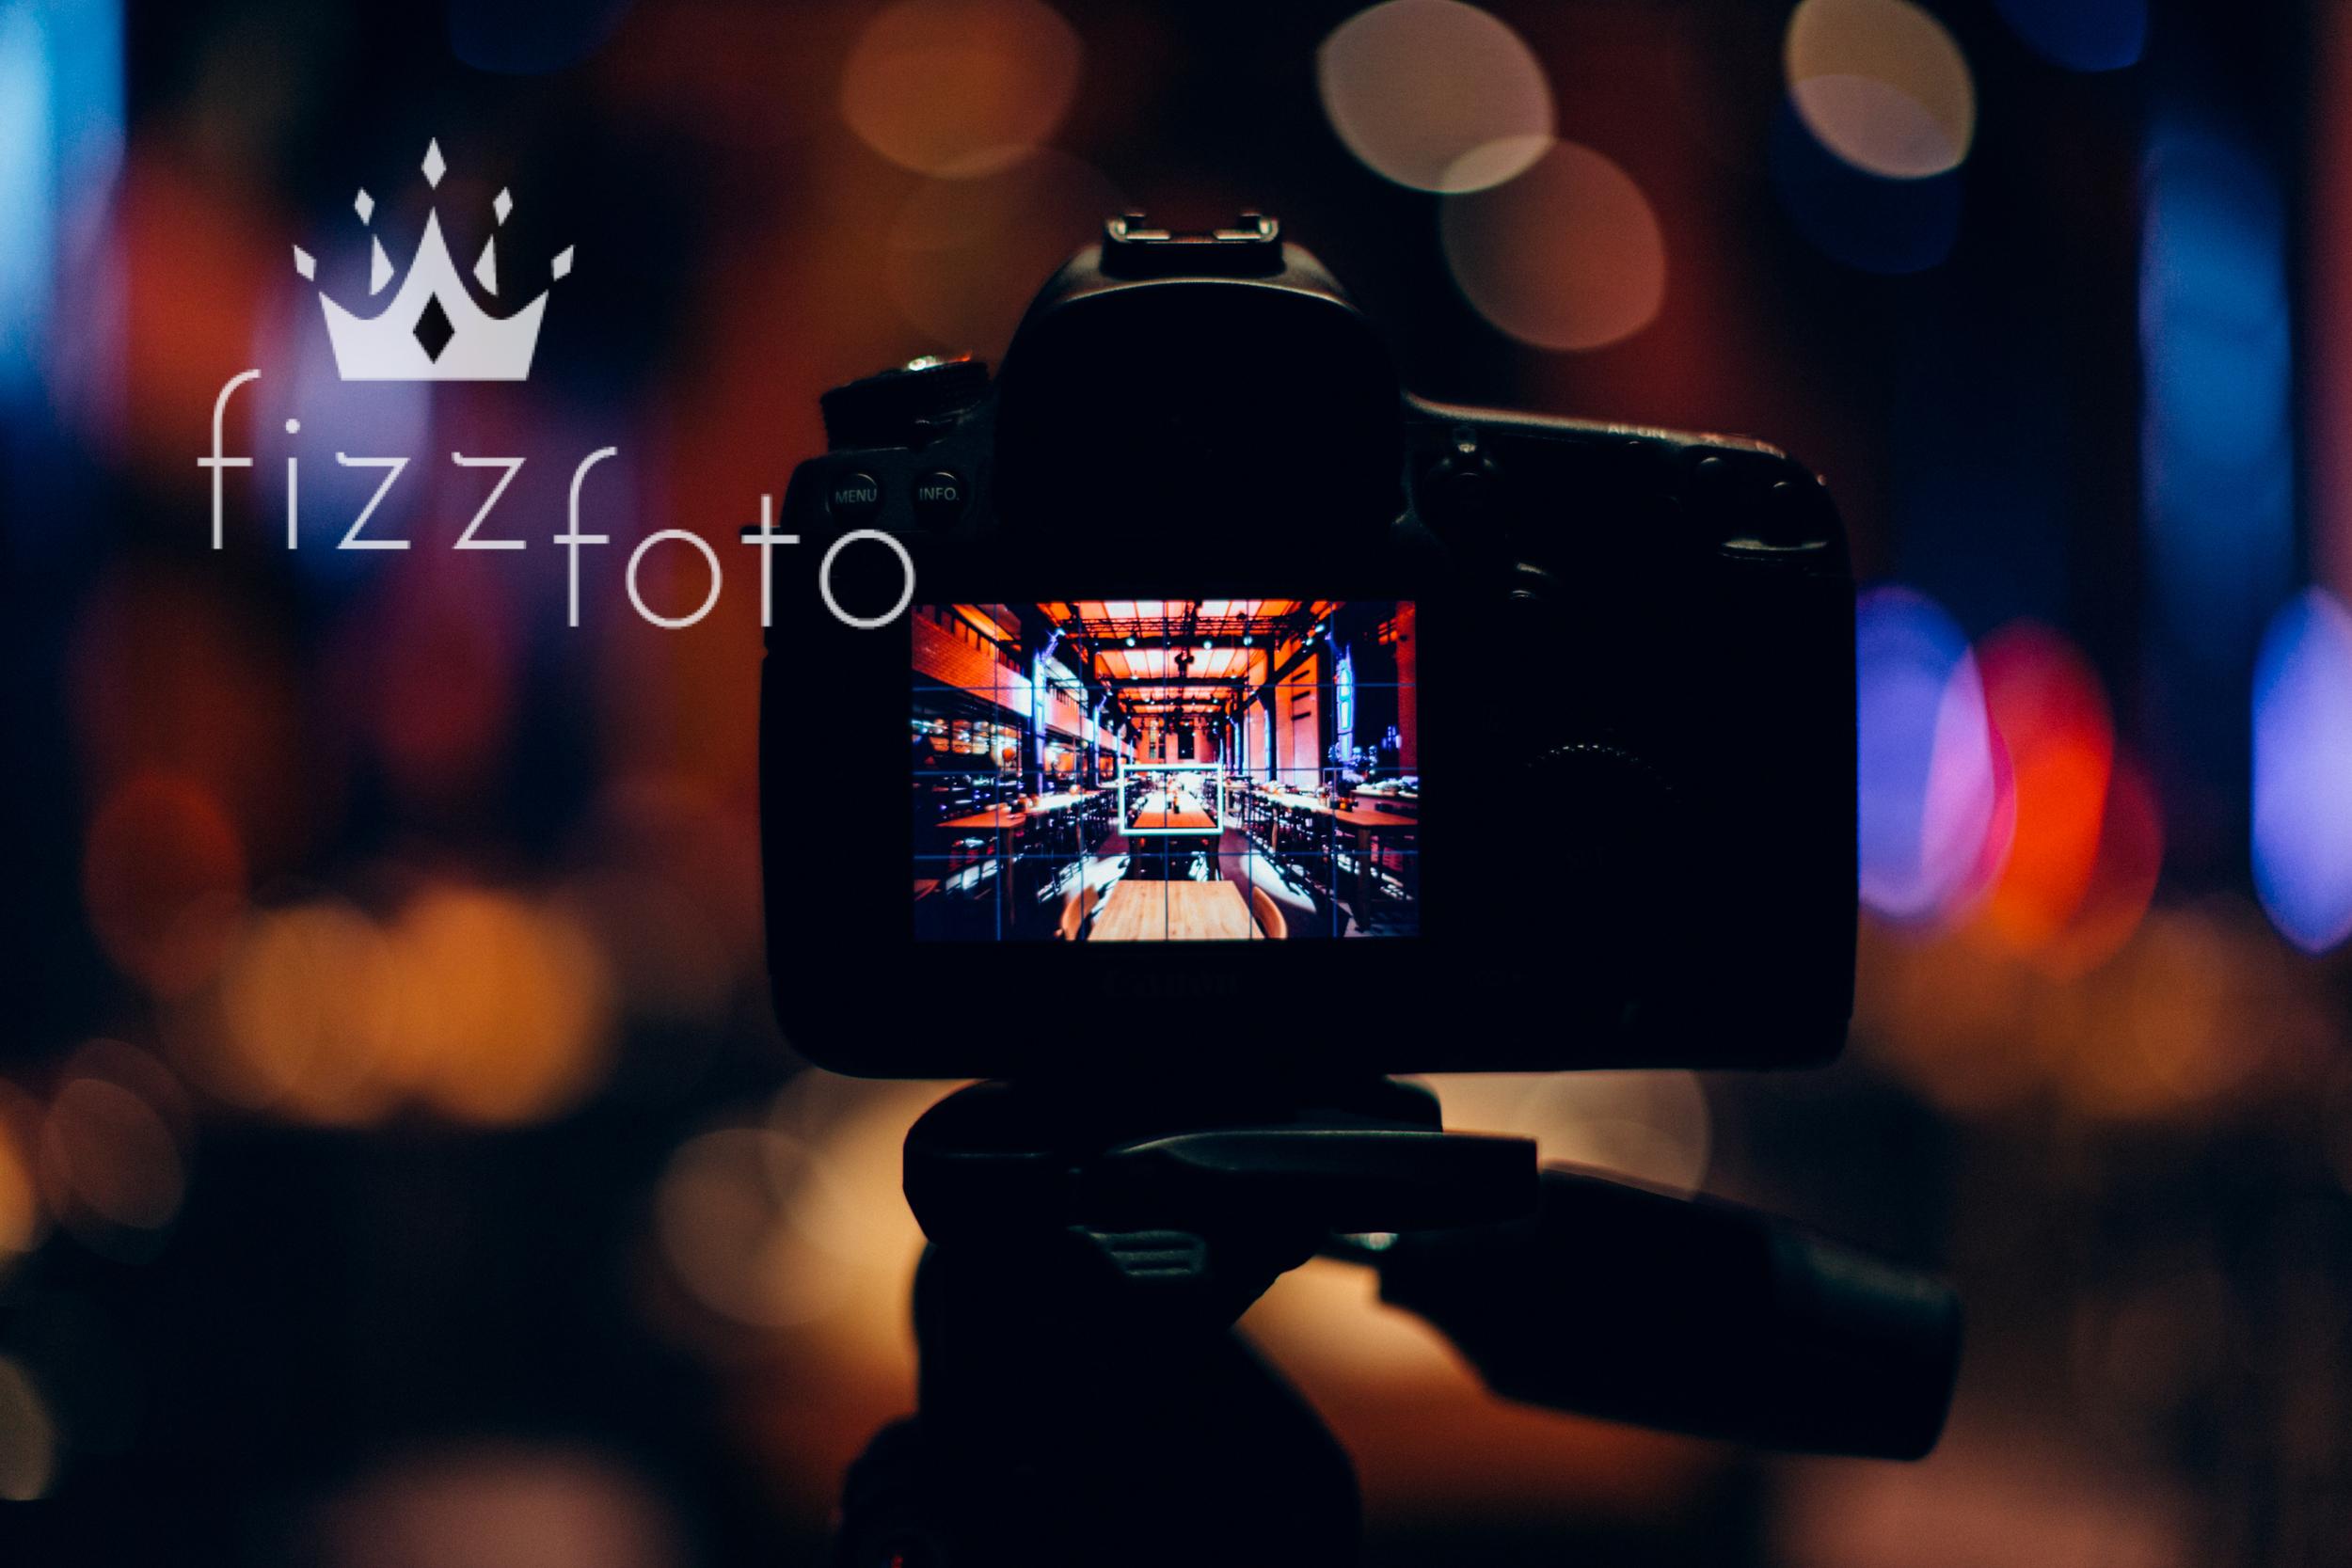 fizzfoto-02